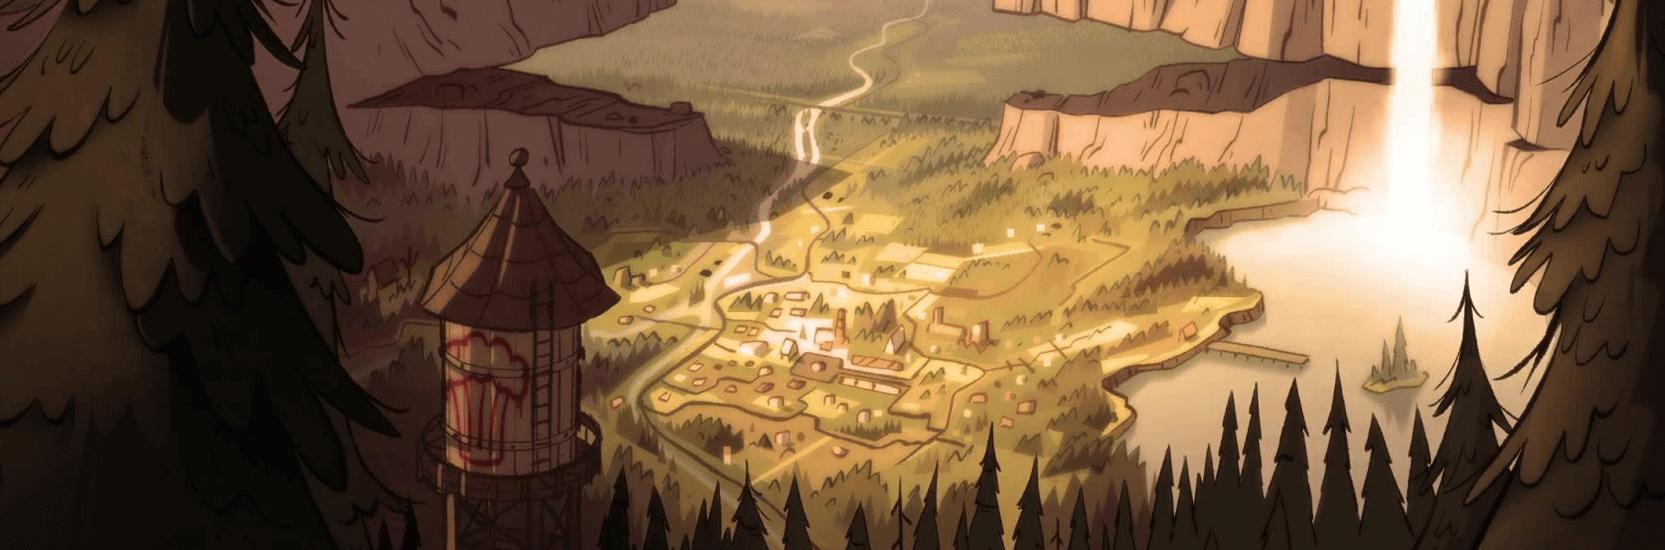 Disney contre-attaque sur le petit écran partie 3 : « Gravity Falls ».